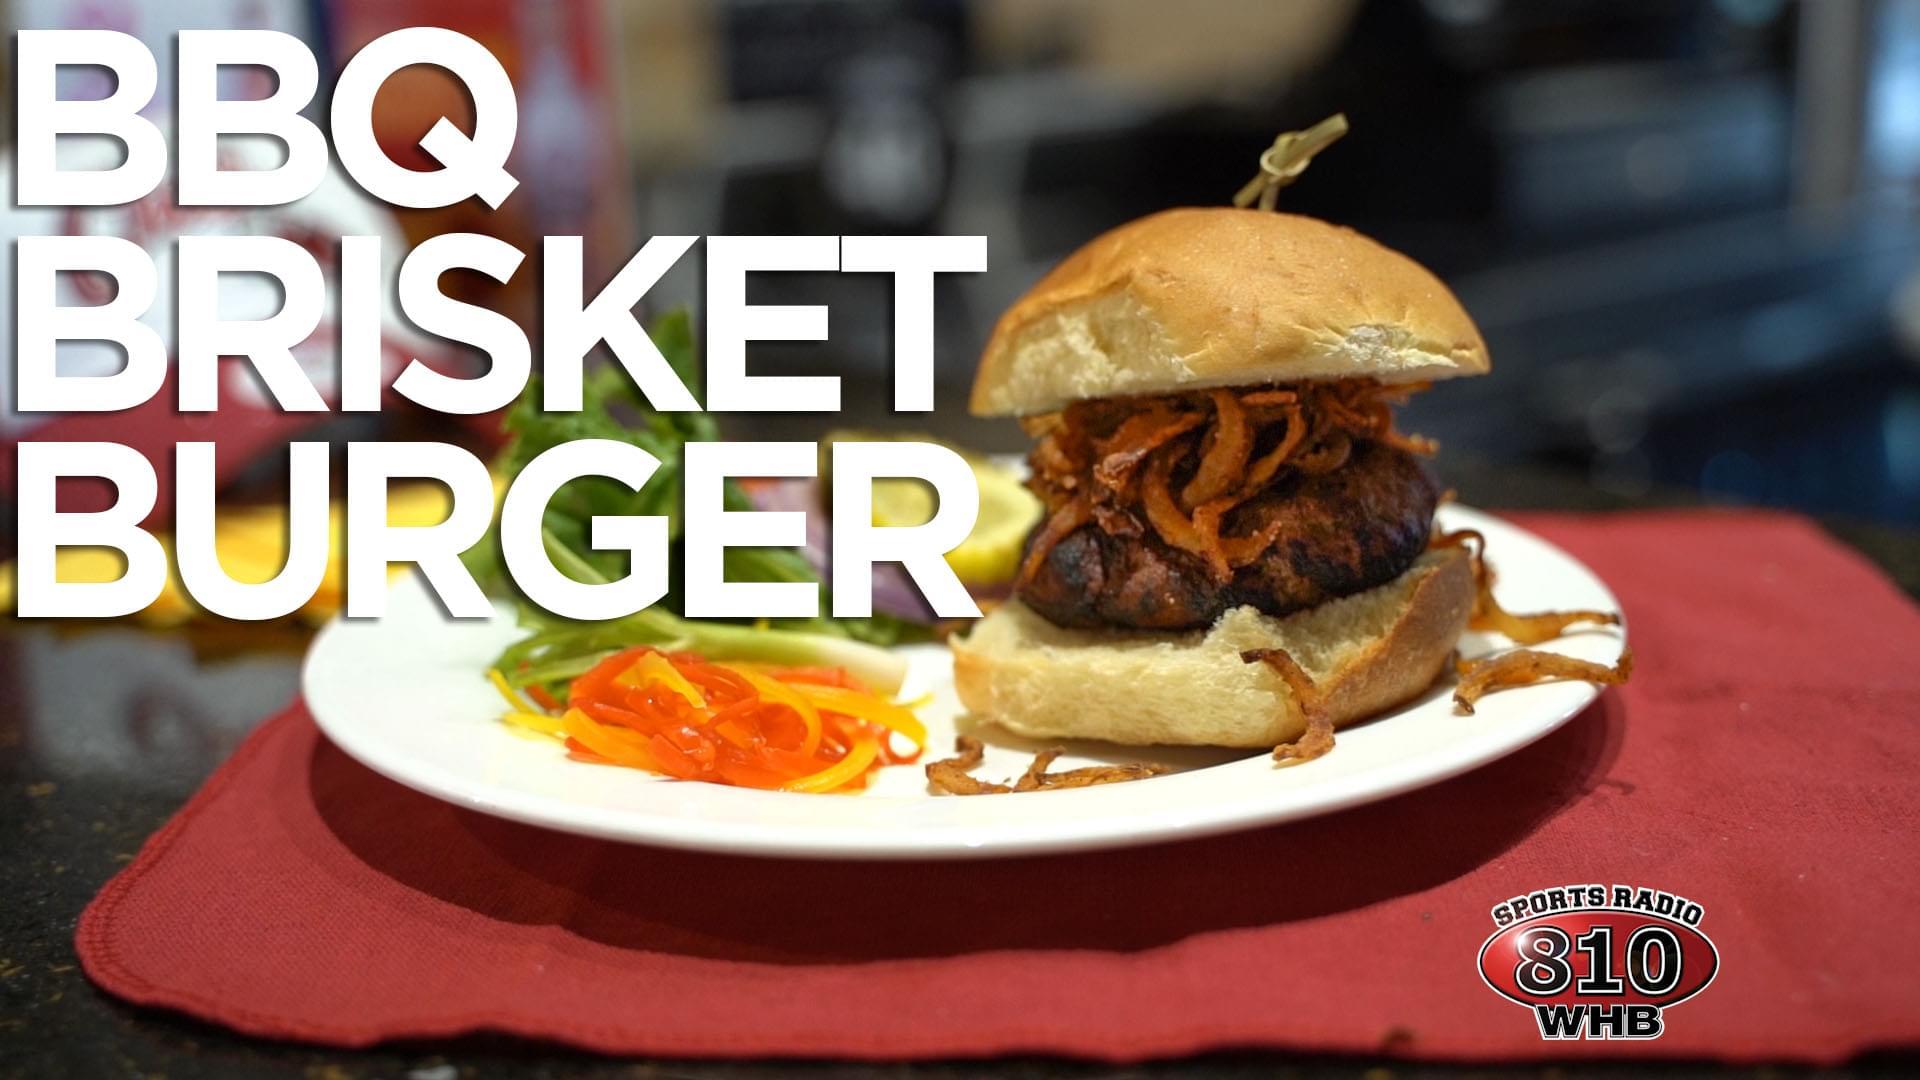 Hy-Vee Week 7 Burger of the Week: BBQ Brisket Burger